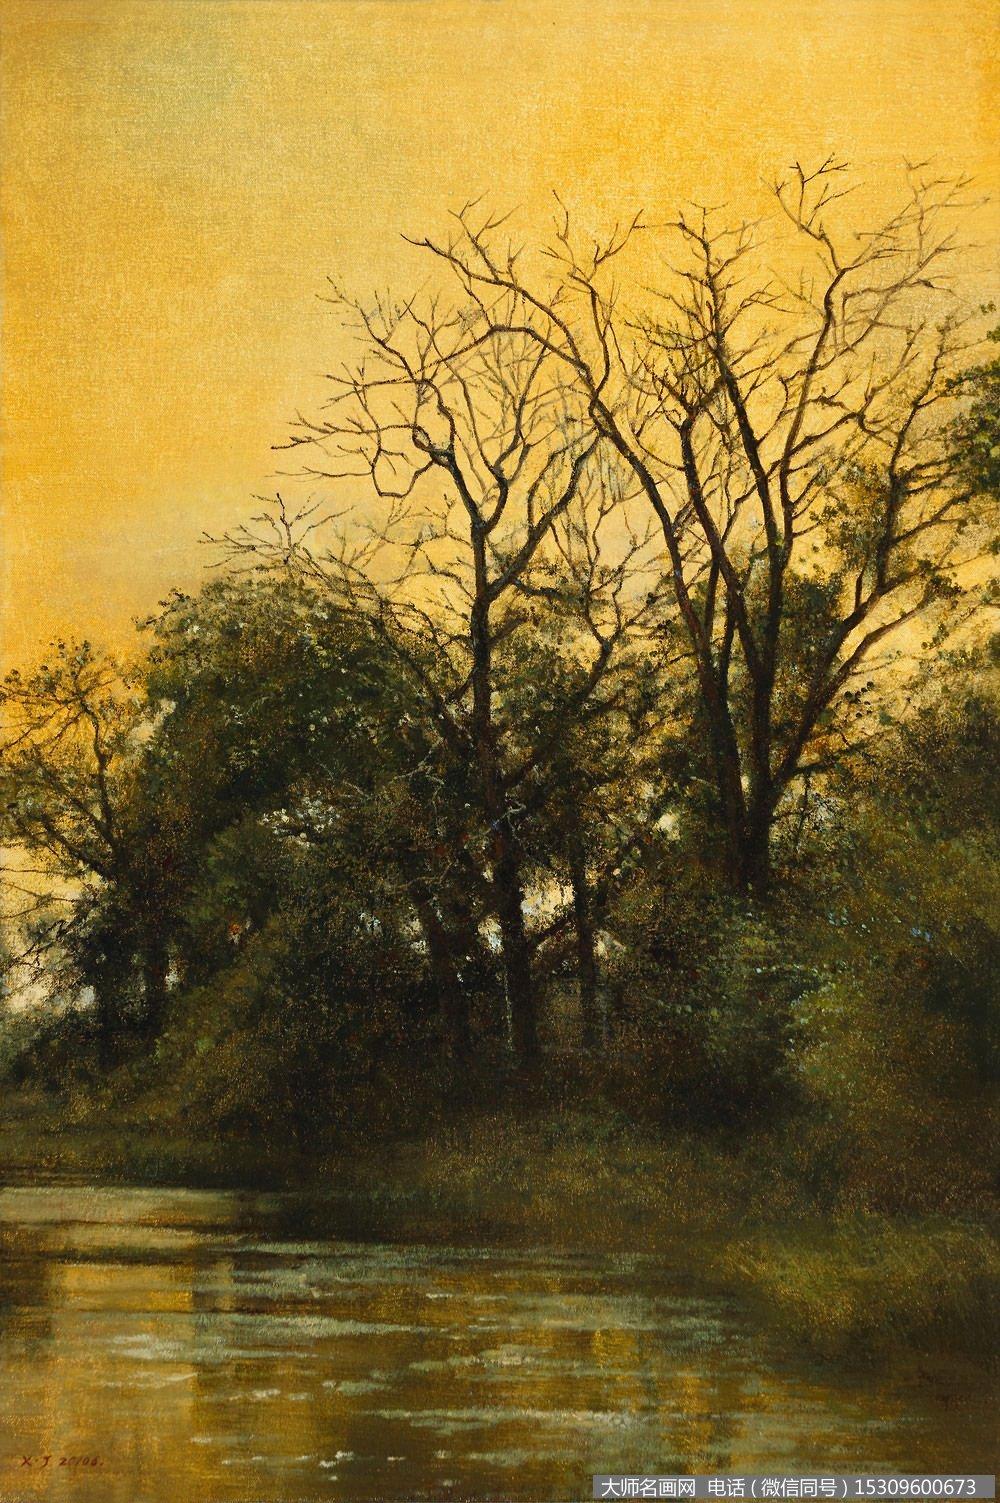 薛军风景油画《俄罗斯纪行之五》欣赏